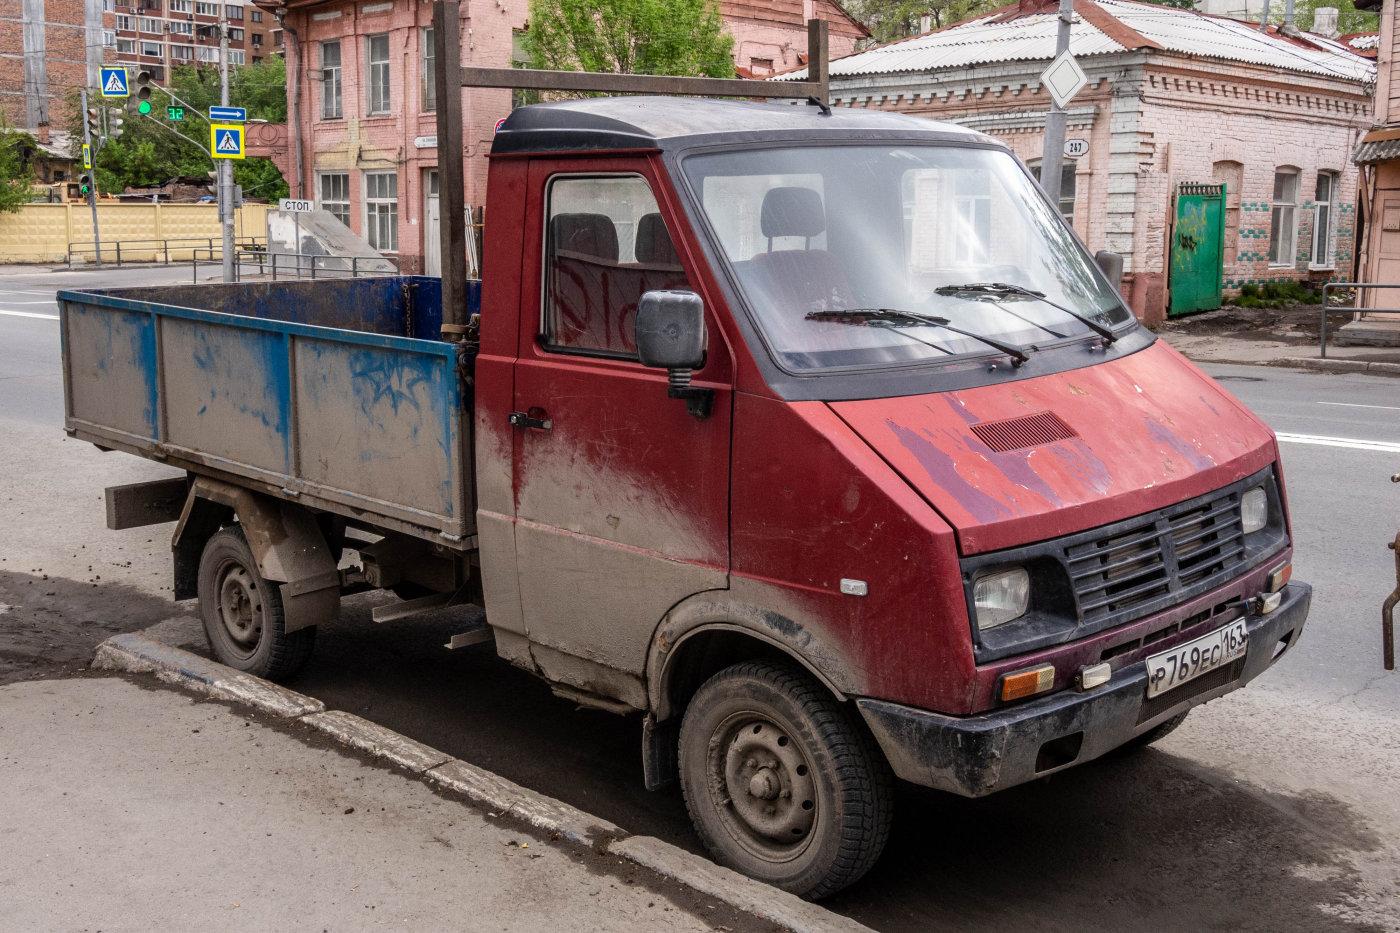 грузовой автомобиль БелАЗ-Lublin-33522 #Р769ЕС163. г. Самара, ул. Самарская